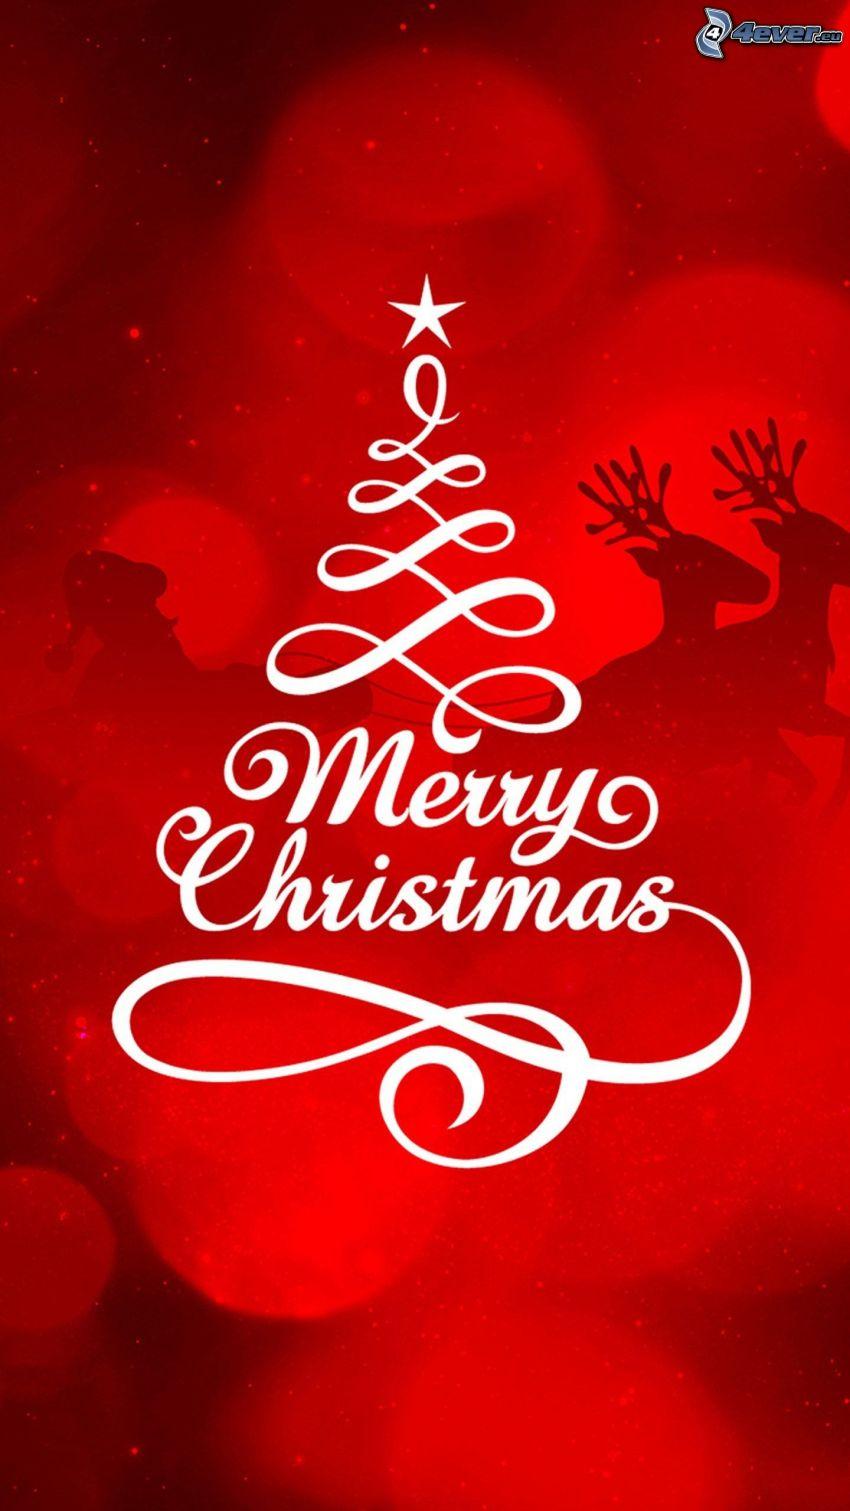 Merry Christmas, soby, sane, Santa Claus, siluety, vianočný stromček, červené pozadie